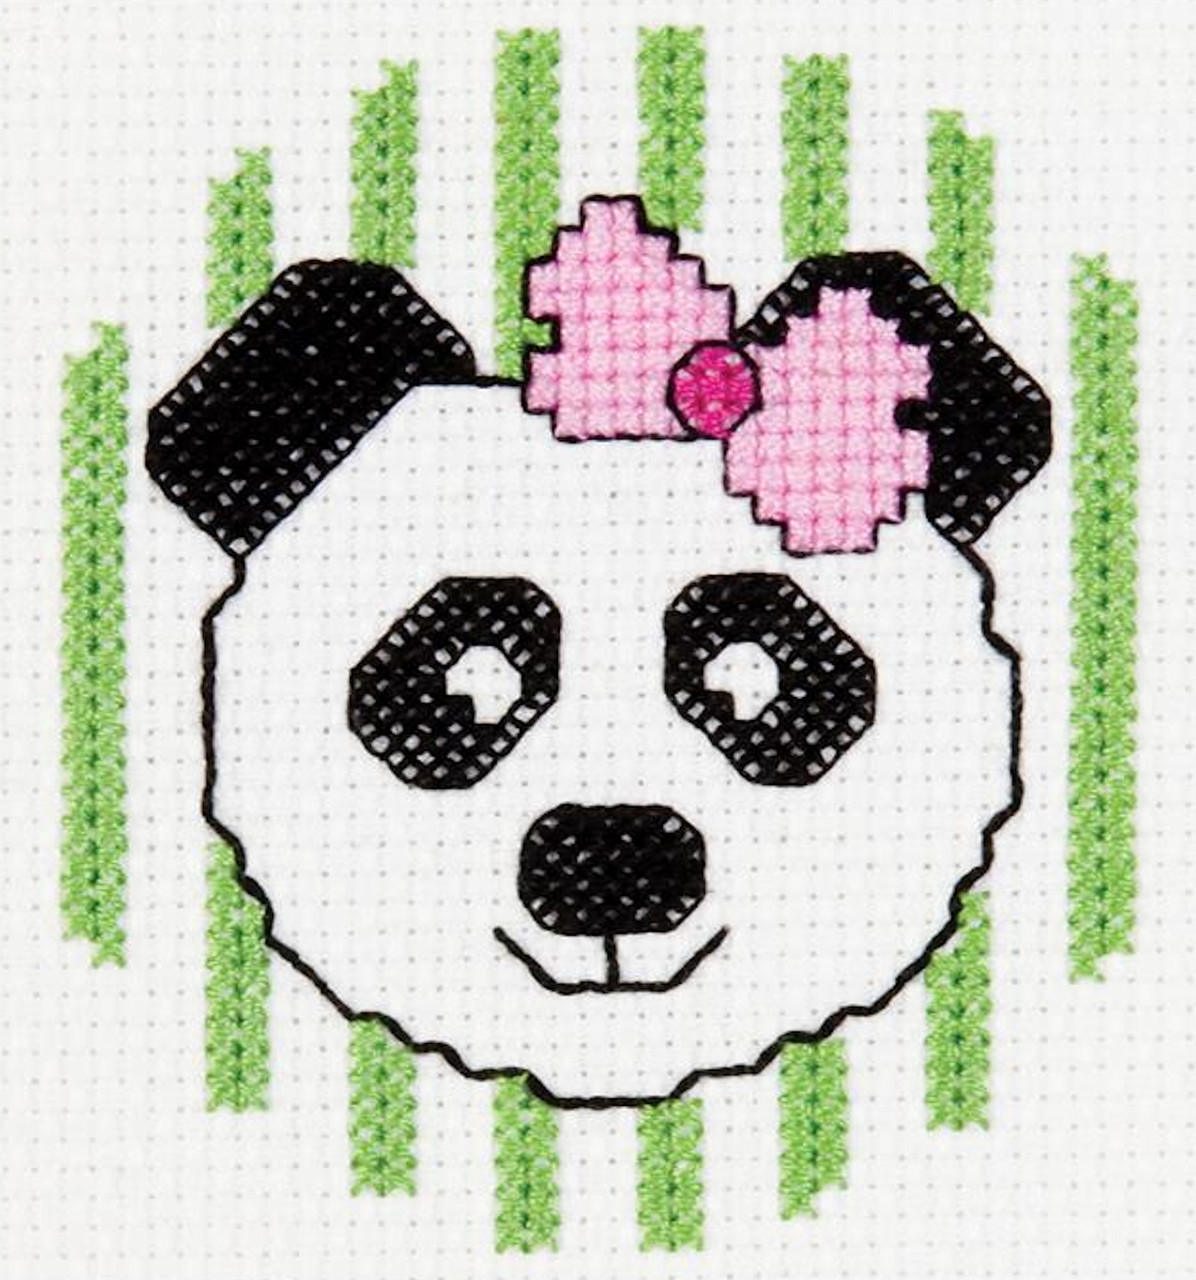 My 1st Stitch - Panda